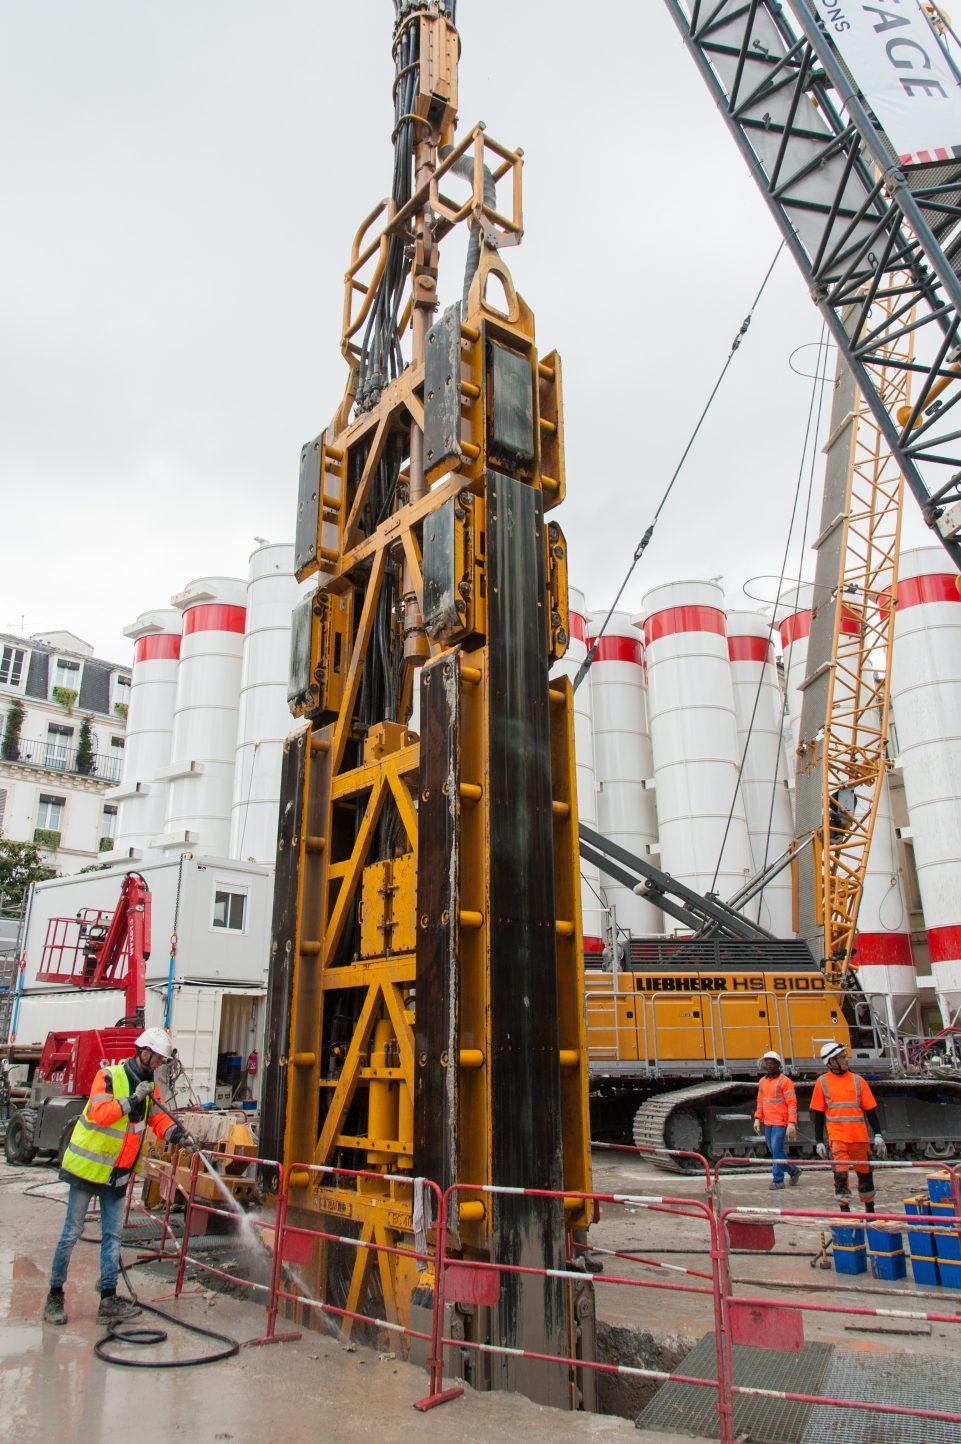 """Engin de chantier appelé """"cutter"""", qui va permettre de creuser les panneaux de sparois du puits de chantier."""